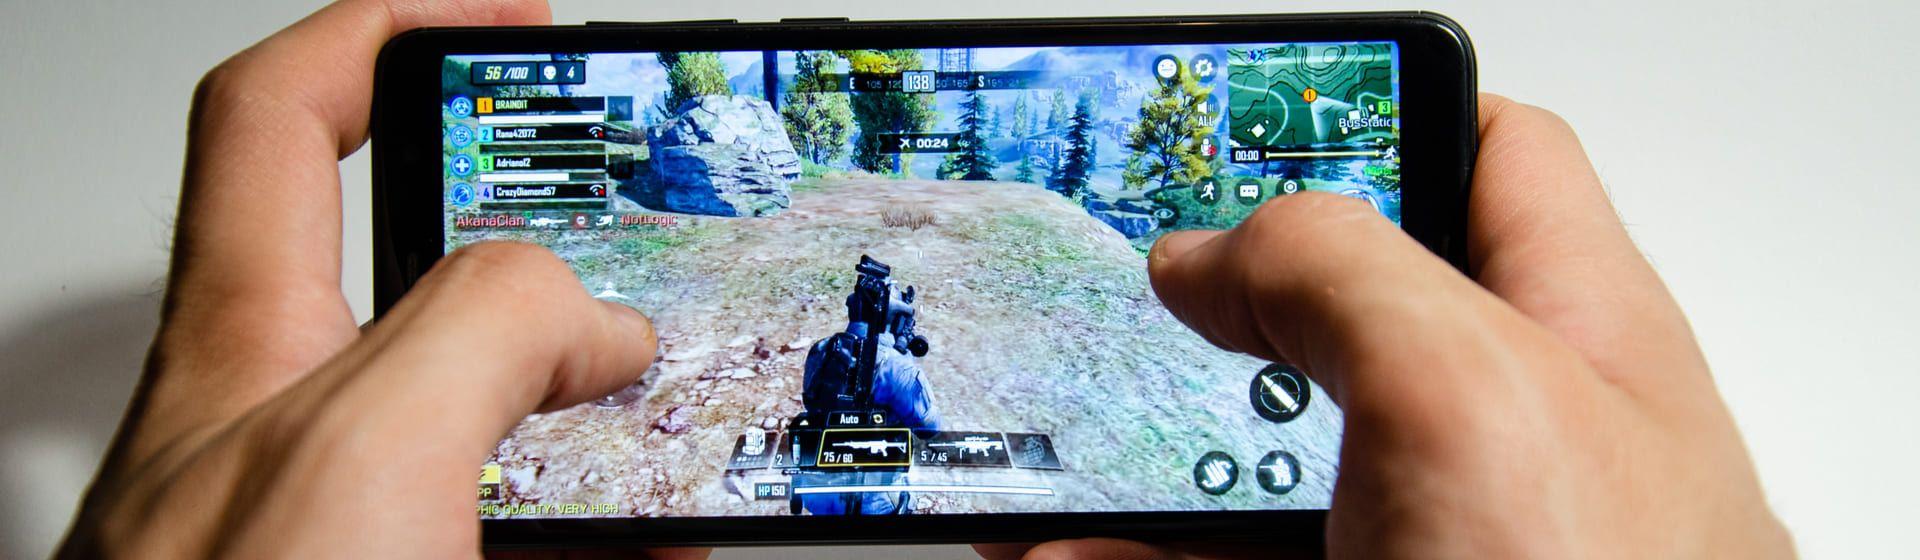 Jogos de tiro para Android: veja os melhores